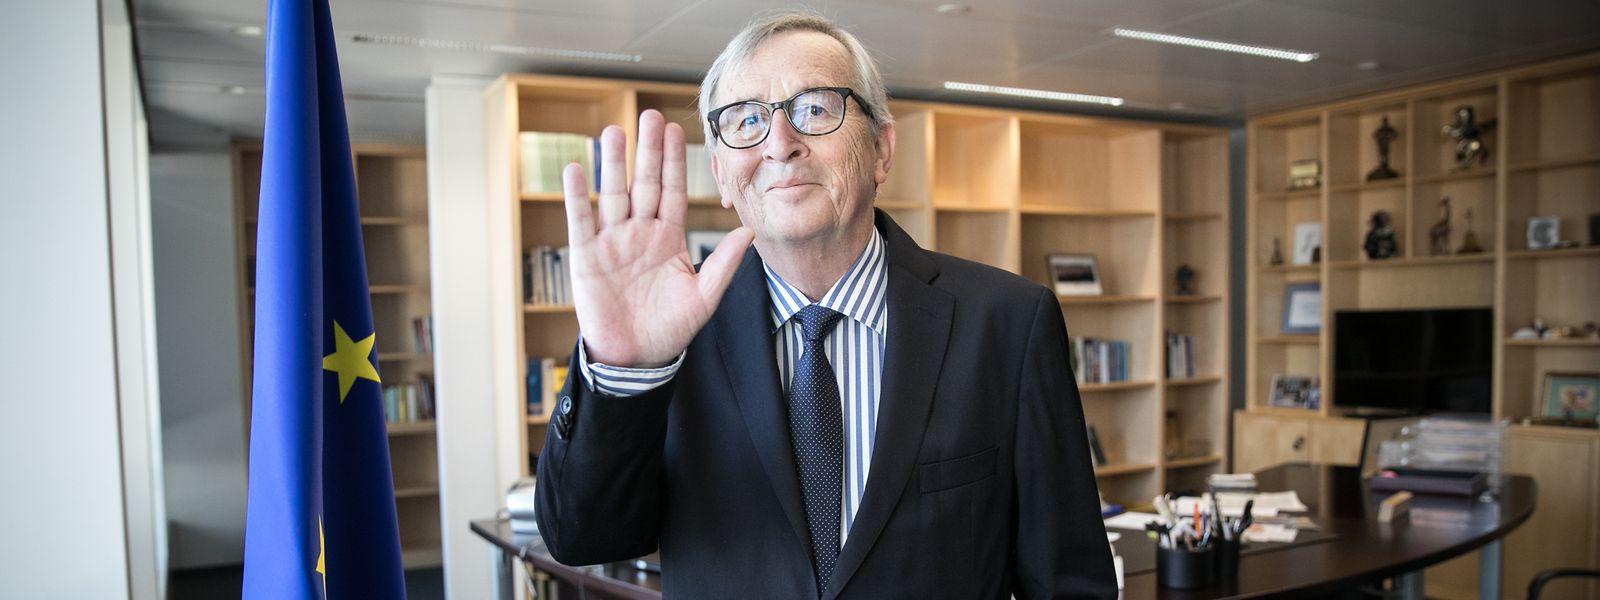 Envahi par la nostalgie, Jean-Claude Juncker a passé le témoin mardi après cinq années à la présidence de la Commission européenne